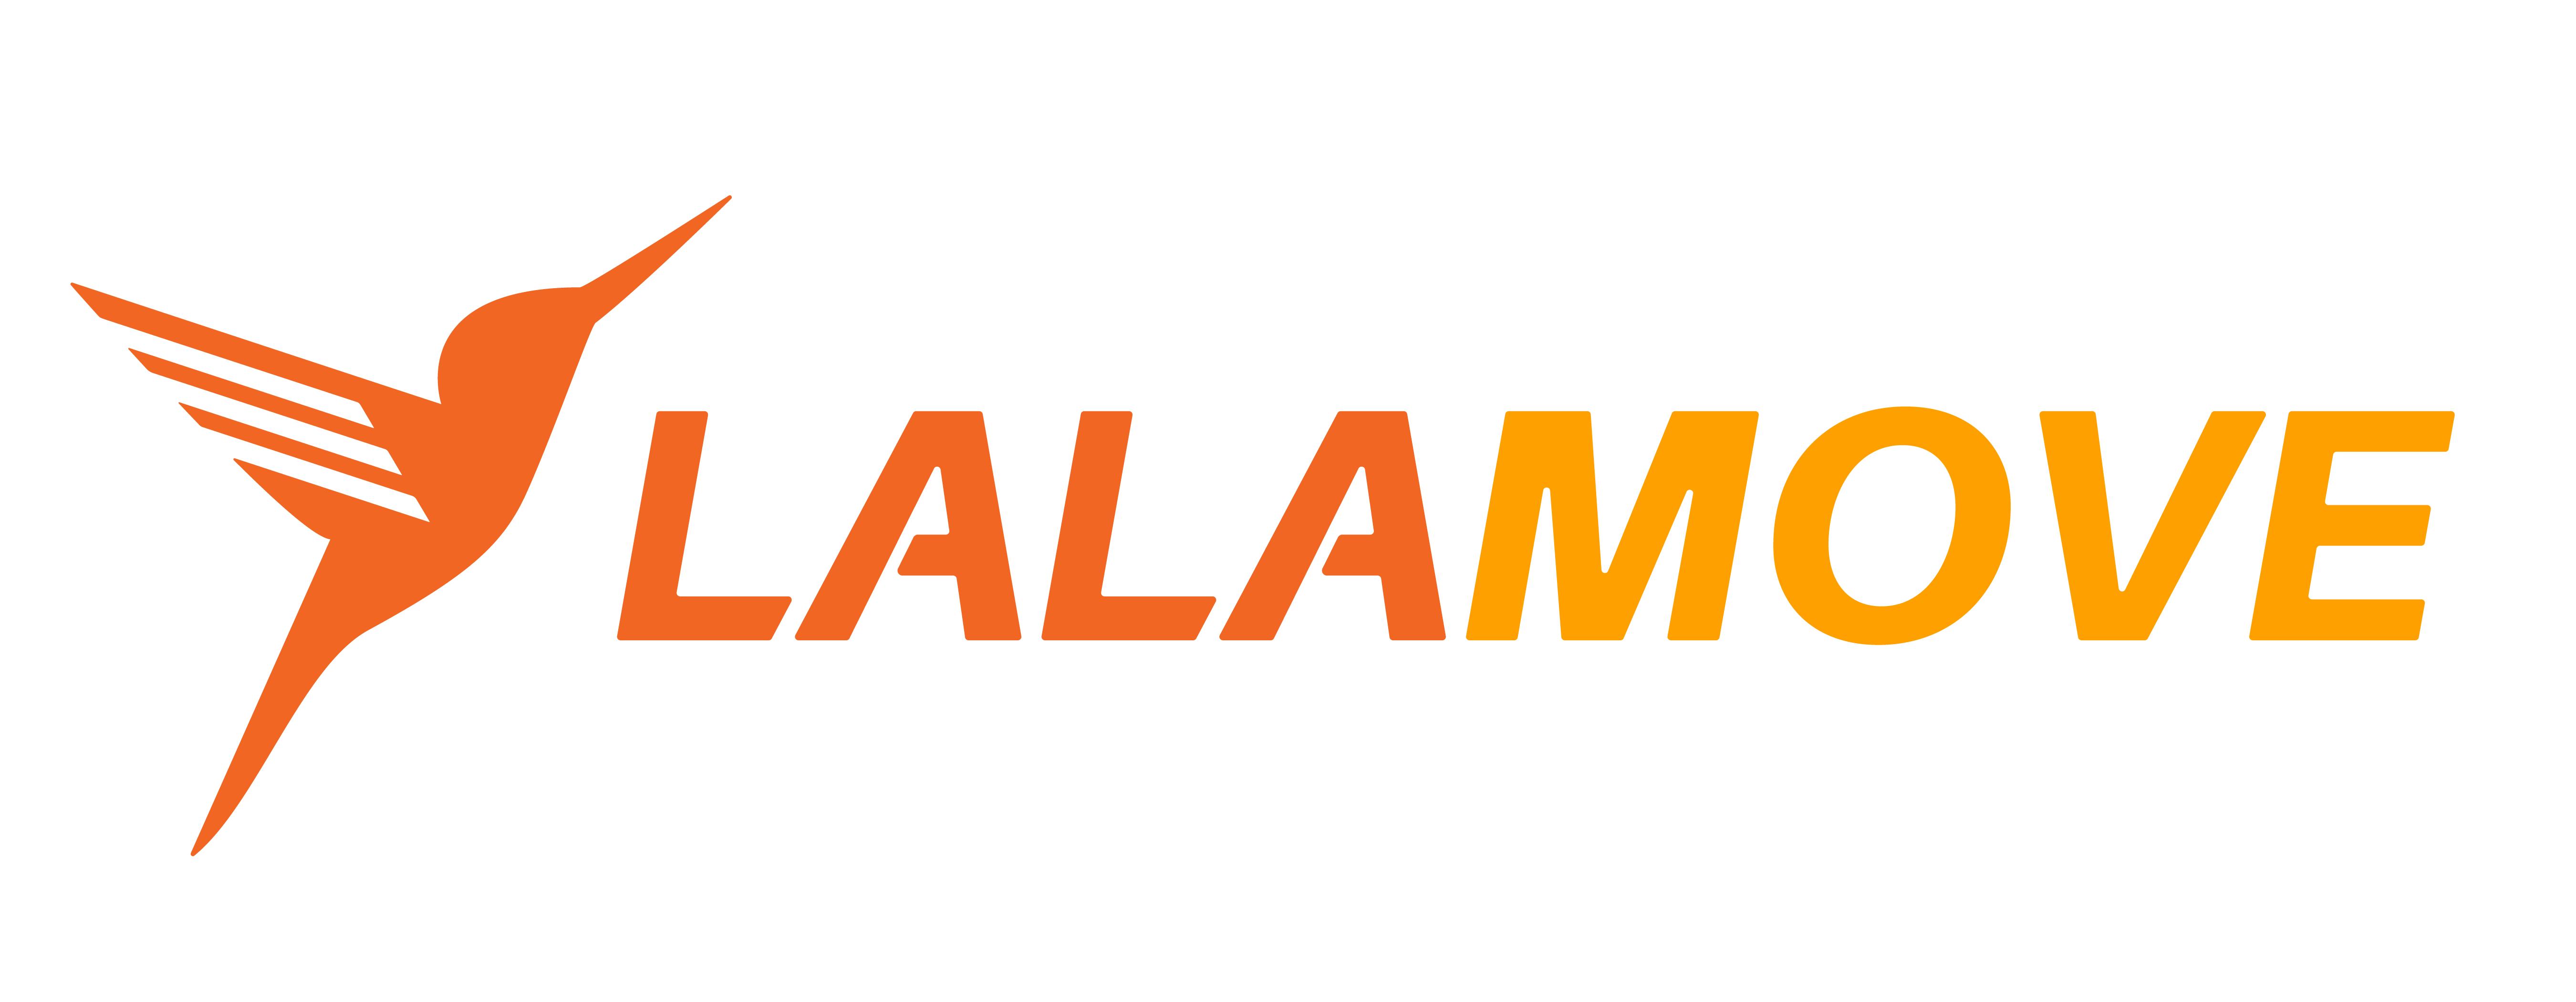 Lalamove company logo